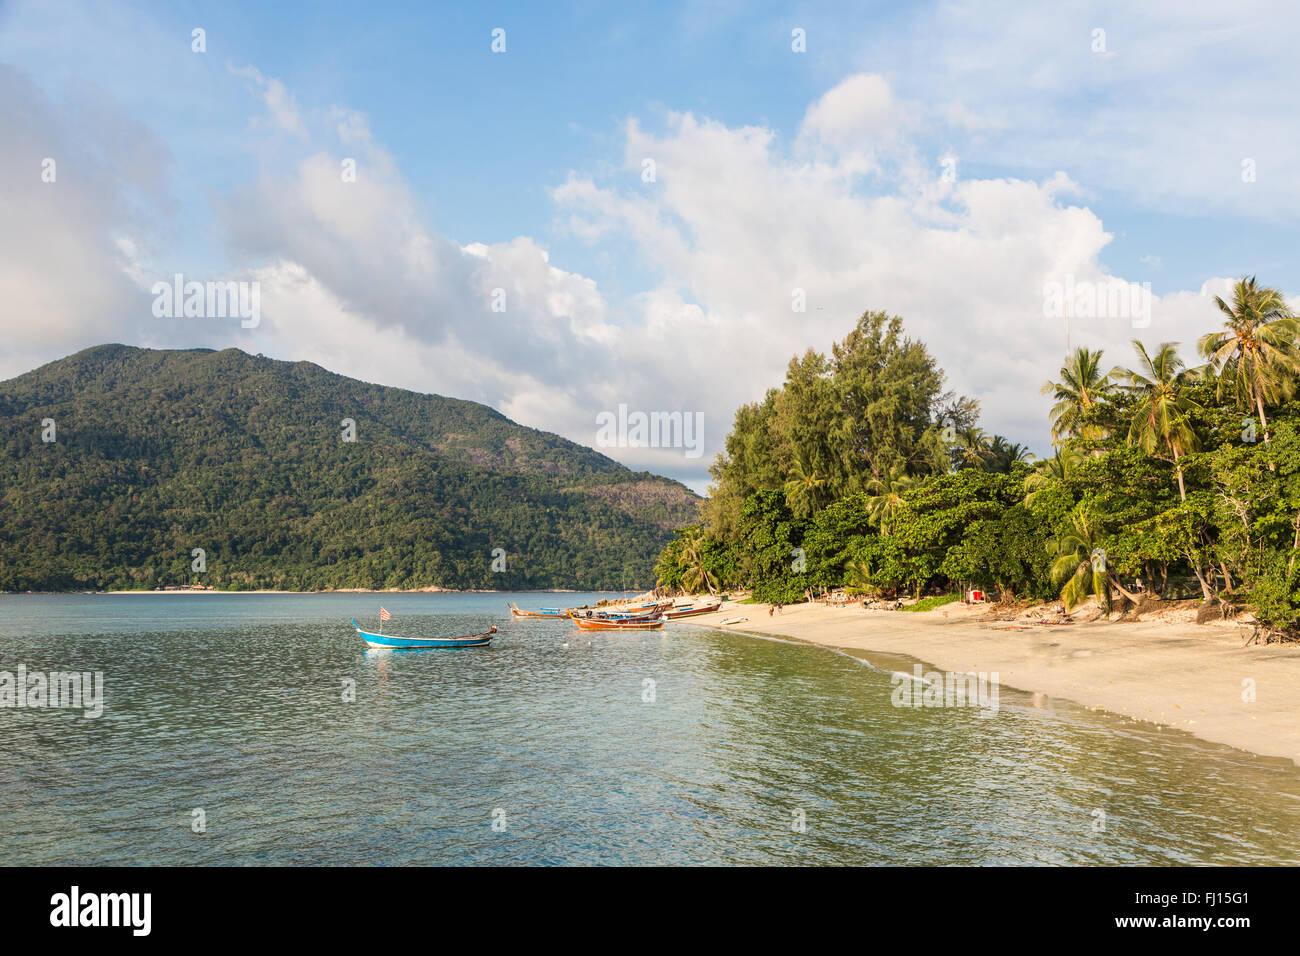 Koh Lipe sunset beach es una playa relax en la famosa isla en el mar de Andaman en el sur de Tailandia, muy cerca de la Malasia bo Foto de stock